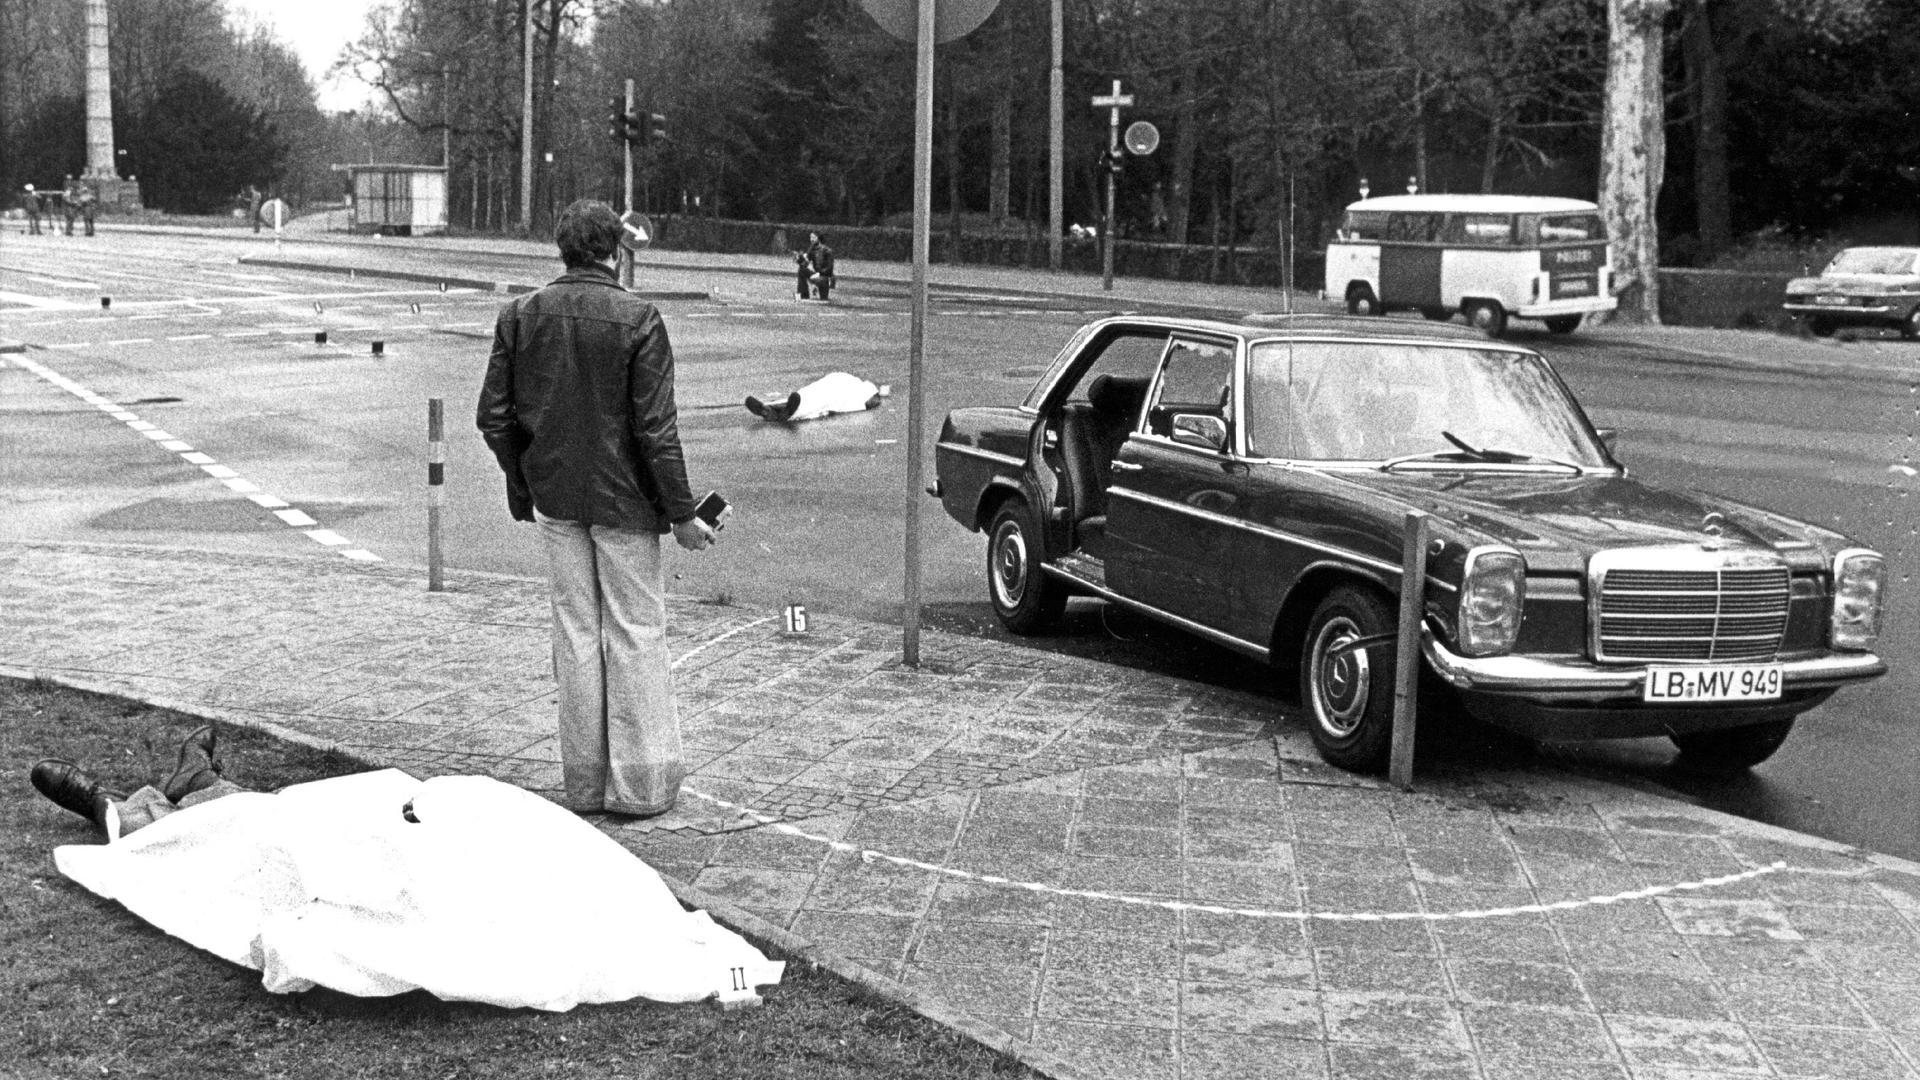 Beim Attentat der RAF in Karlsruhe sterben Generalbundesanwalt Siegfried Buback, sein Fahrer Wolfgnag Göbel sowie der Begleiter Georg Wurster und.  Wer die tödlichen Schüsse von einem Motorrad aus abgab, ist bis heute nicht klar.